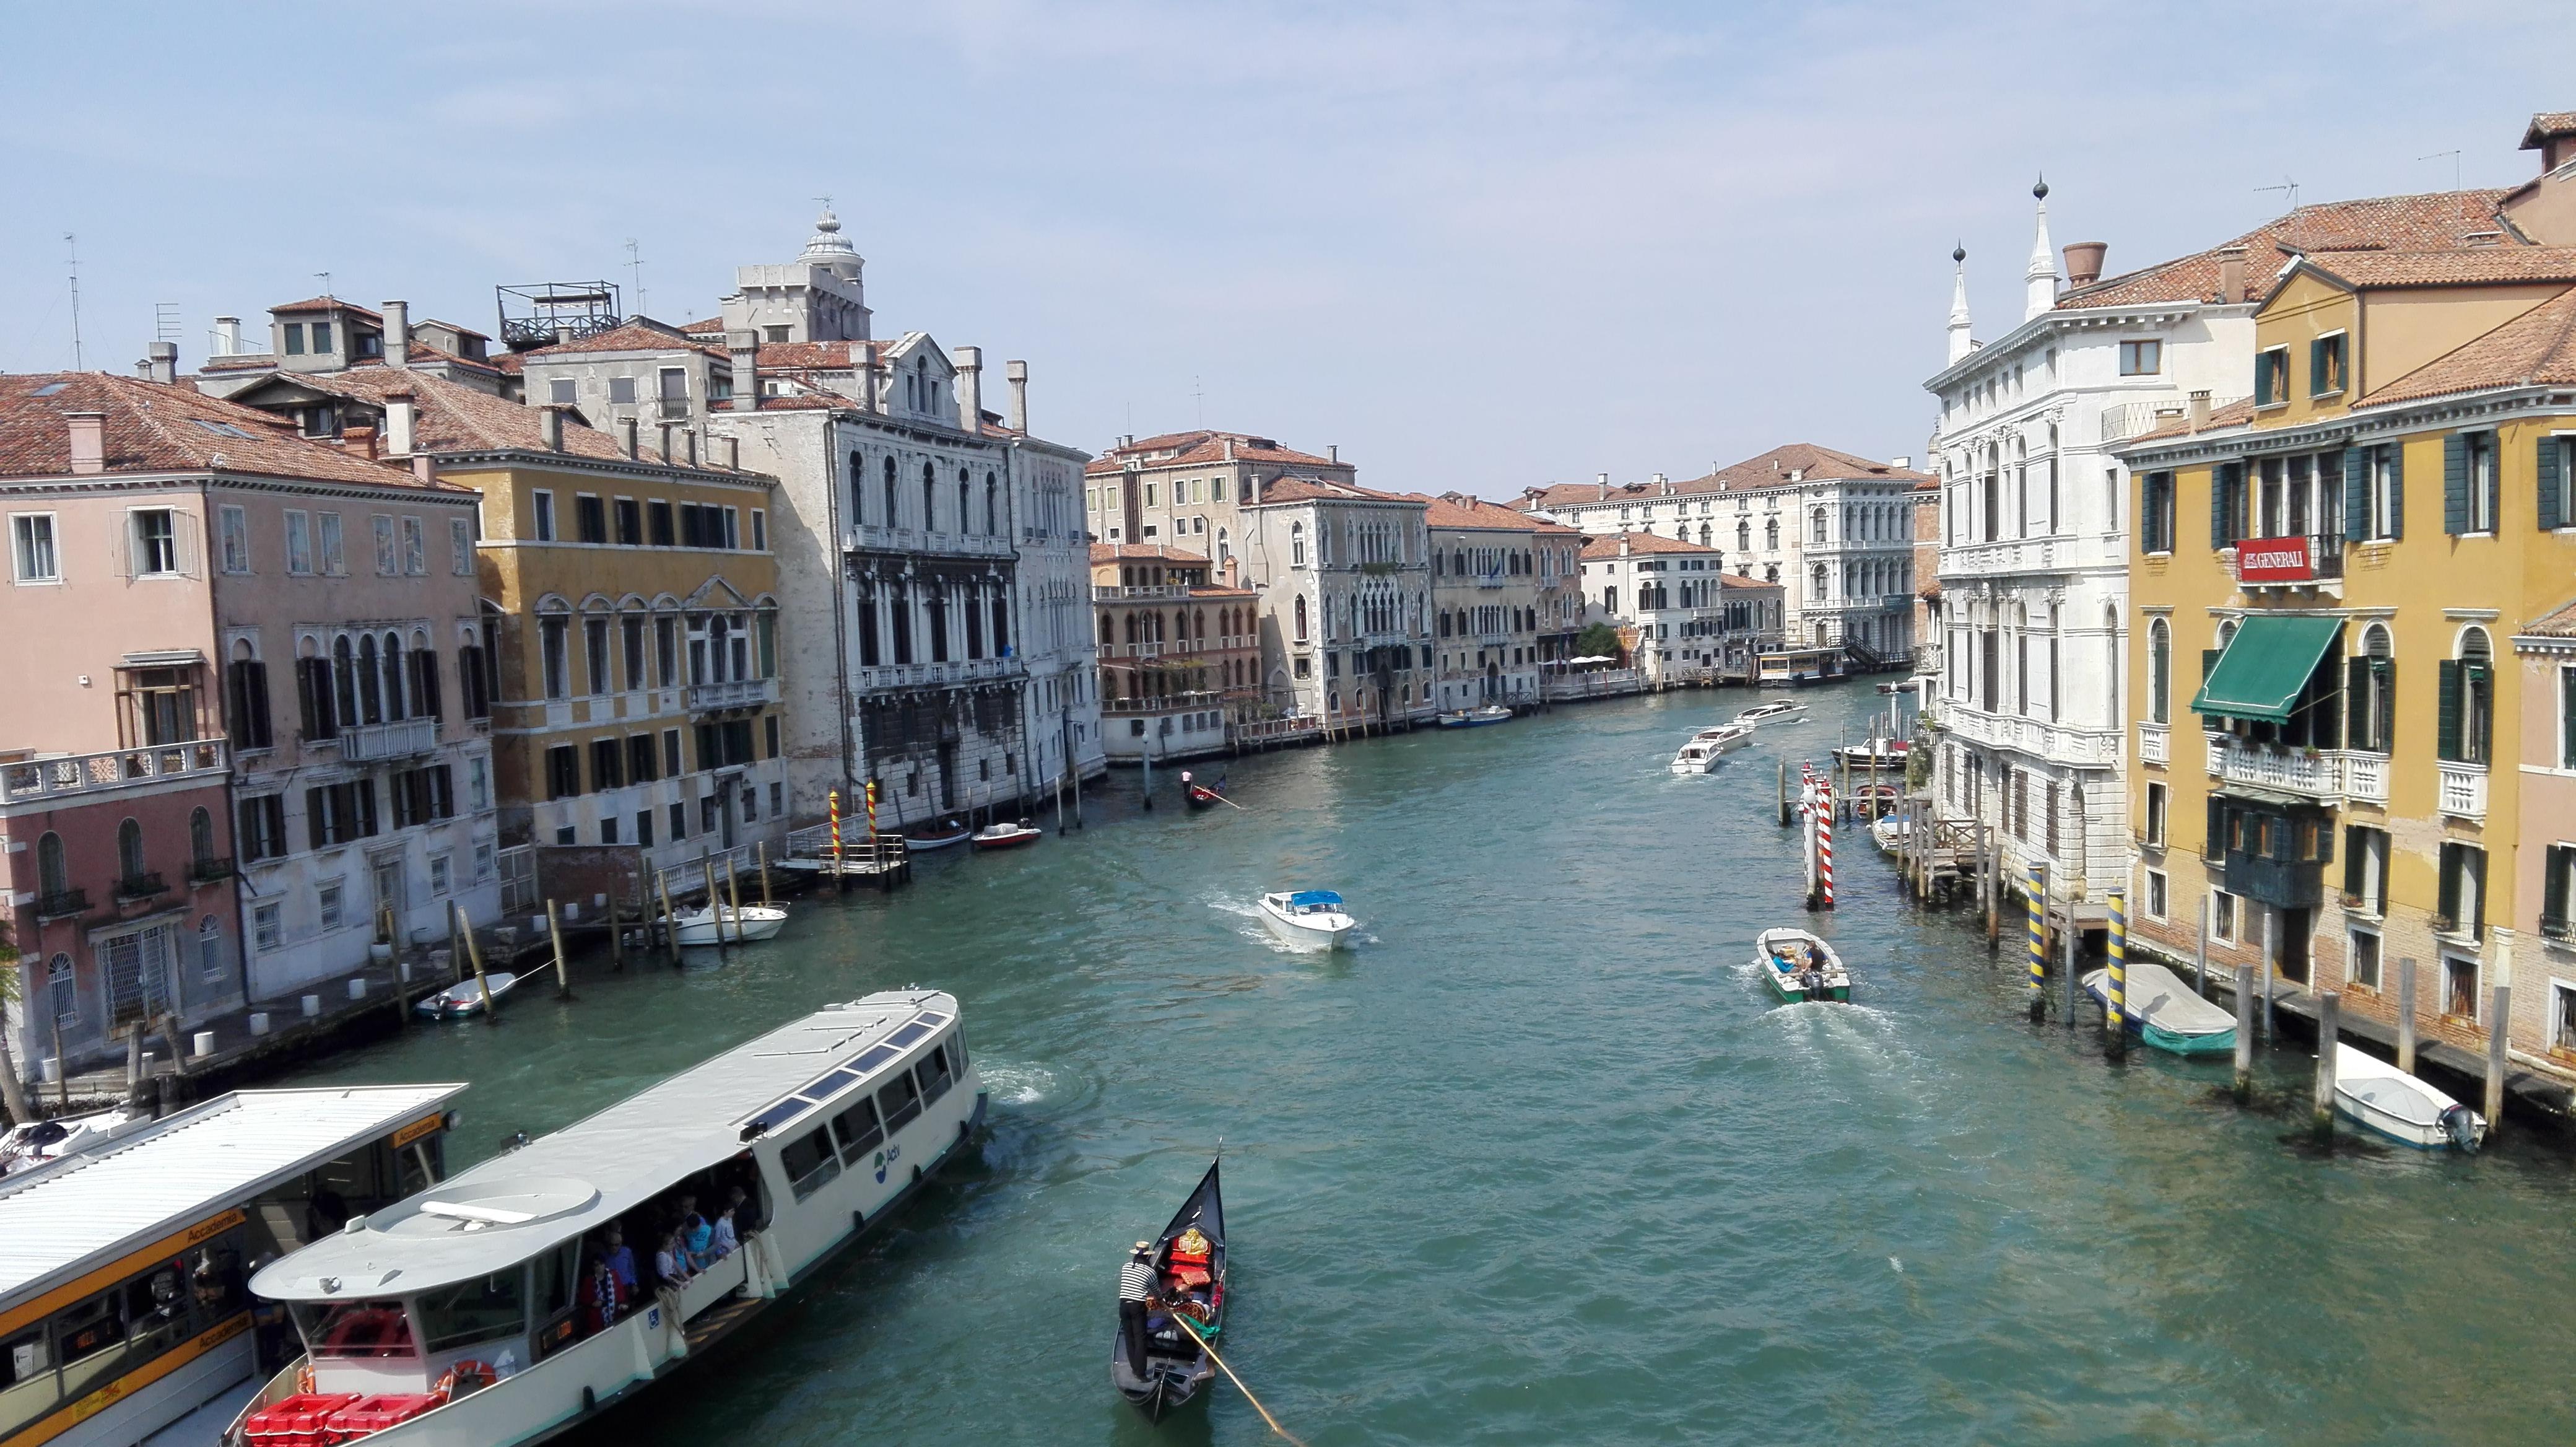 Vue de Venise depuis le ponte dell'academia